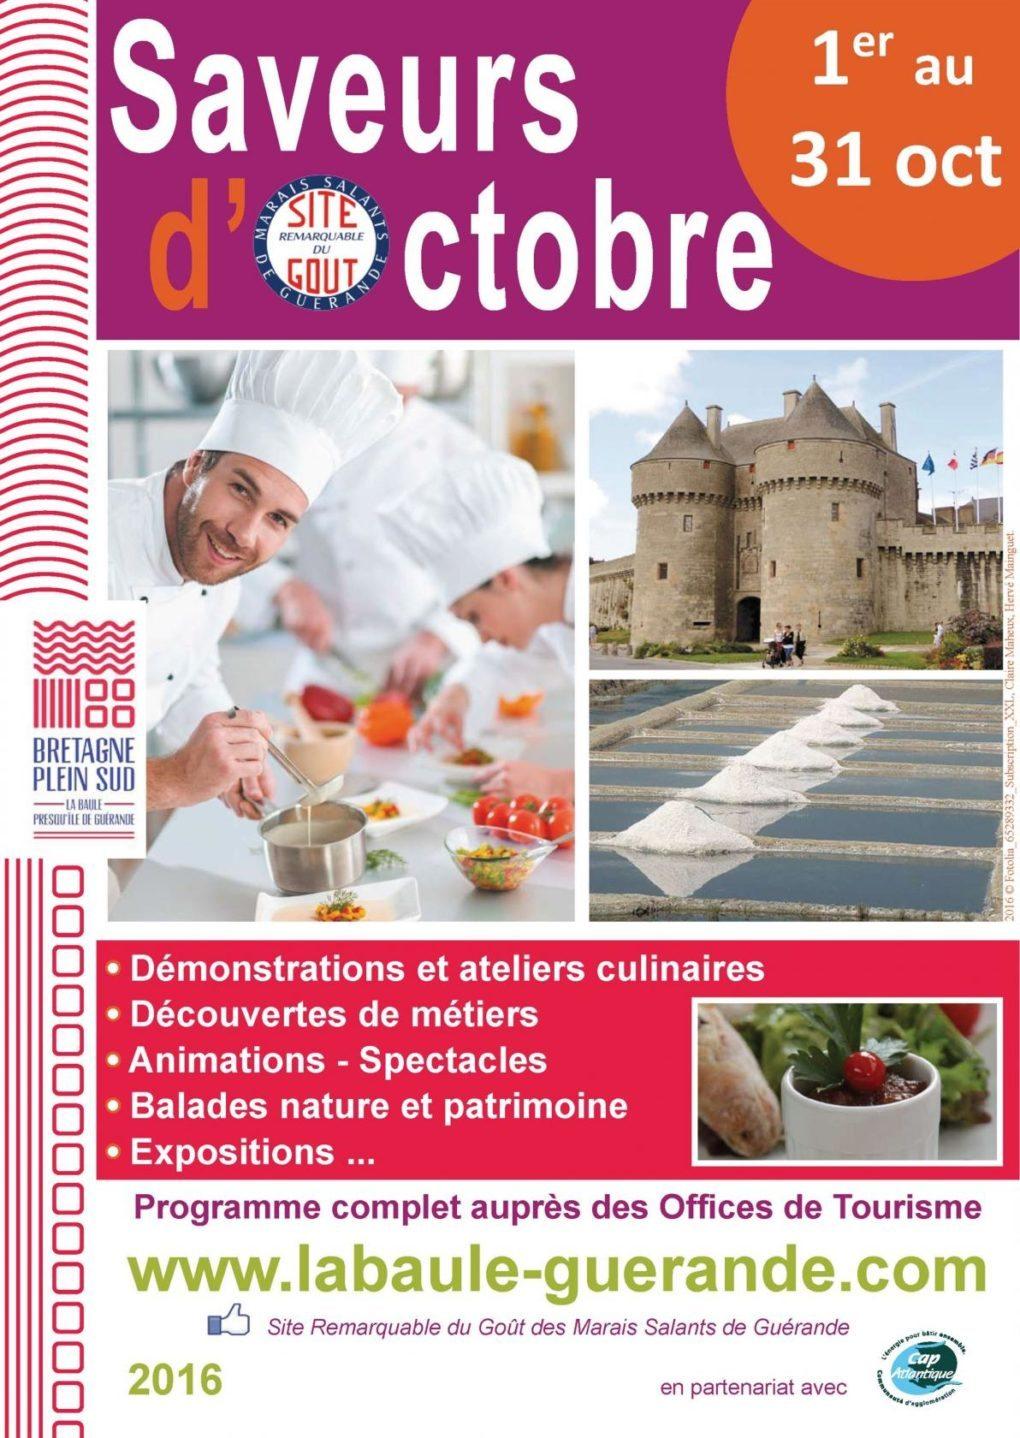 Saveurs d'octobre : atelier La Route des épices La Turballe